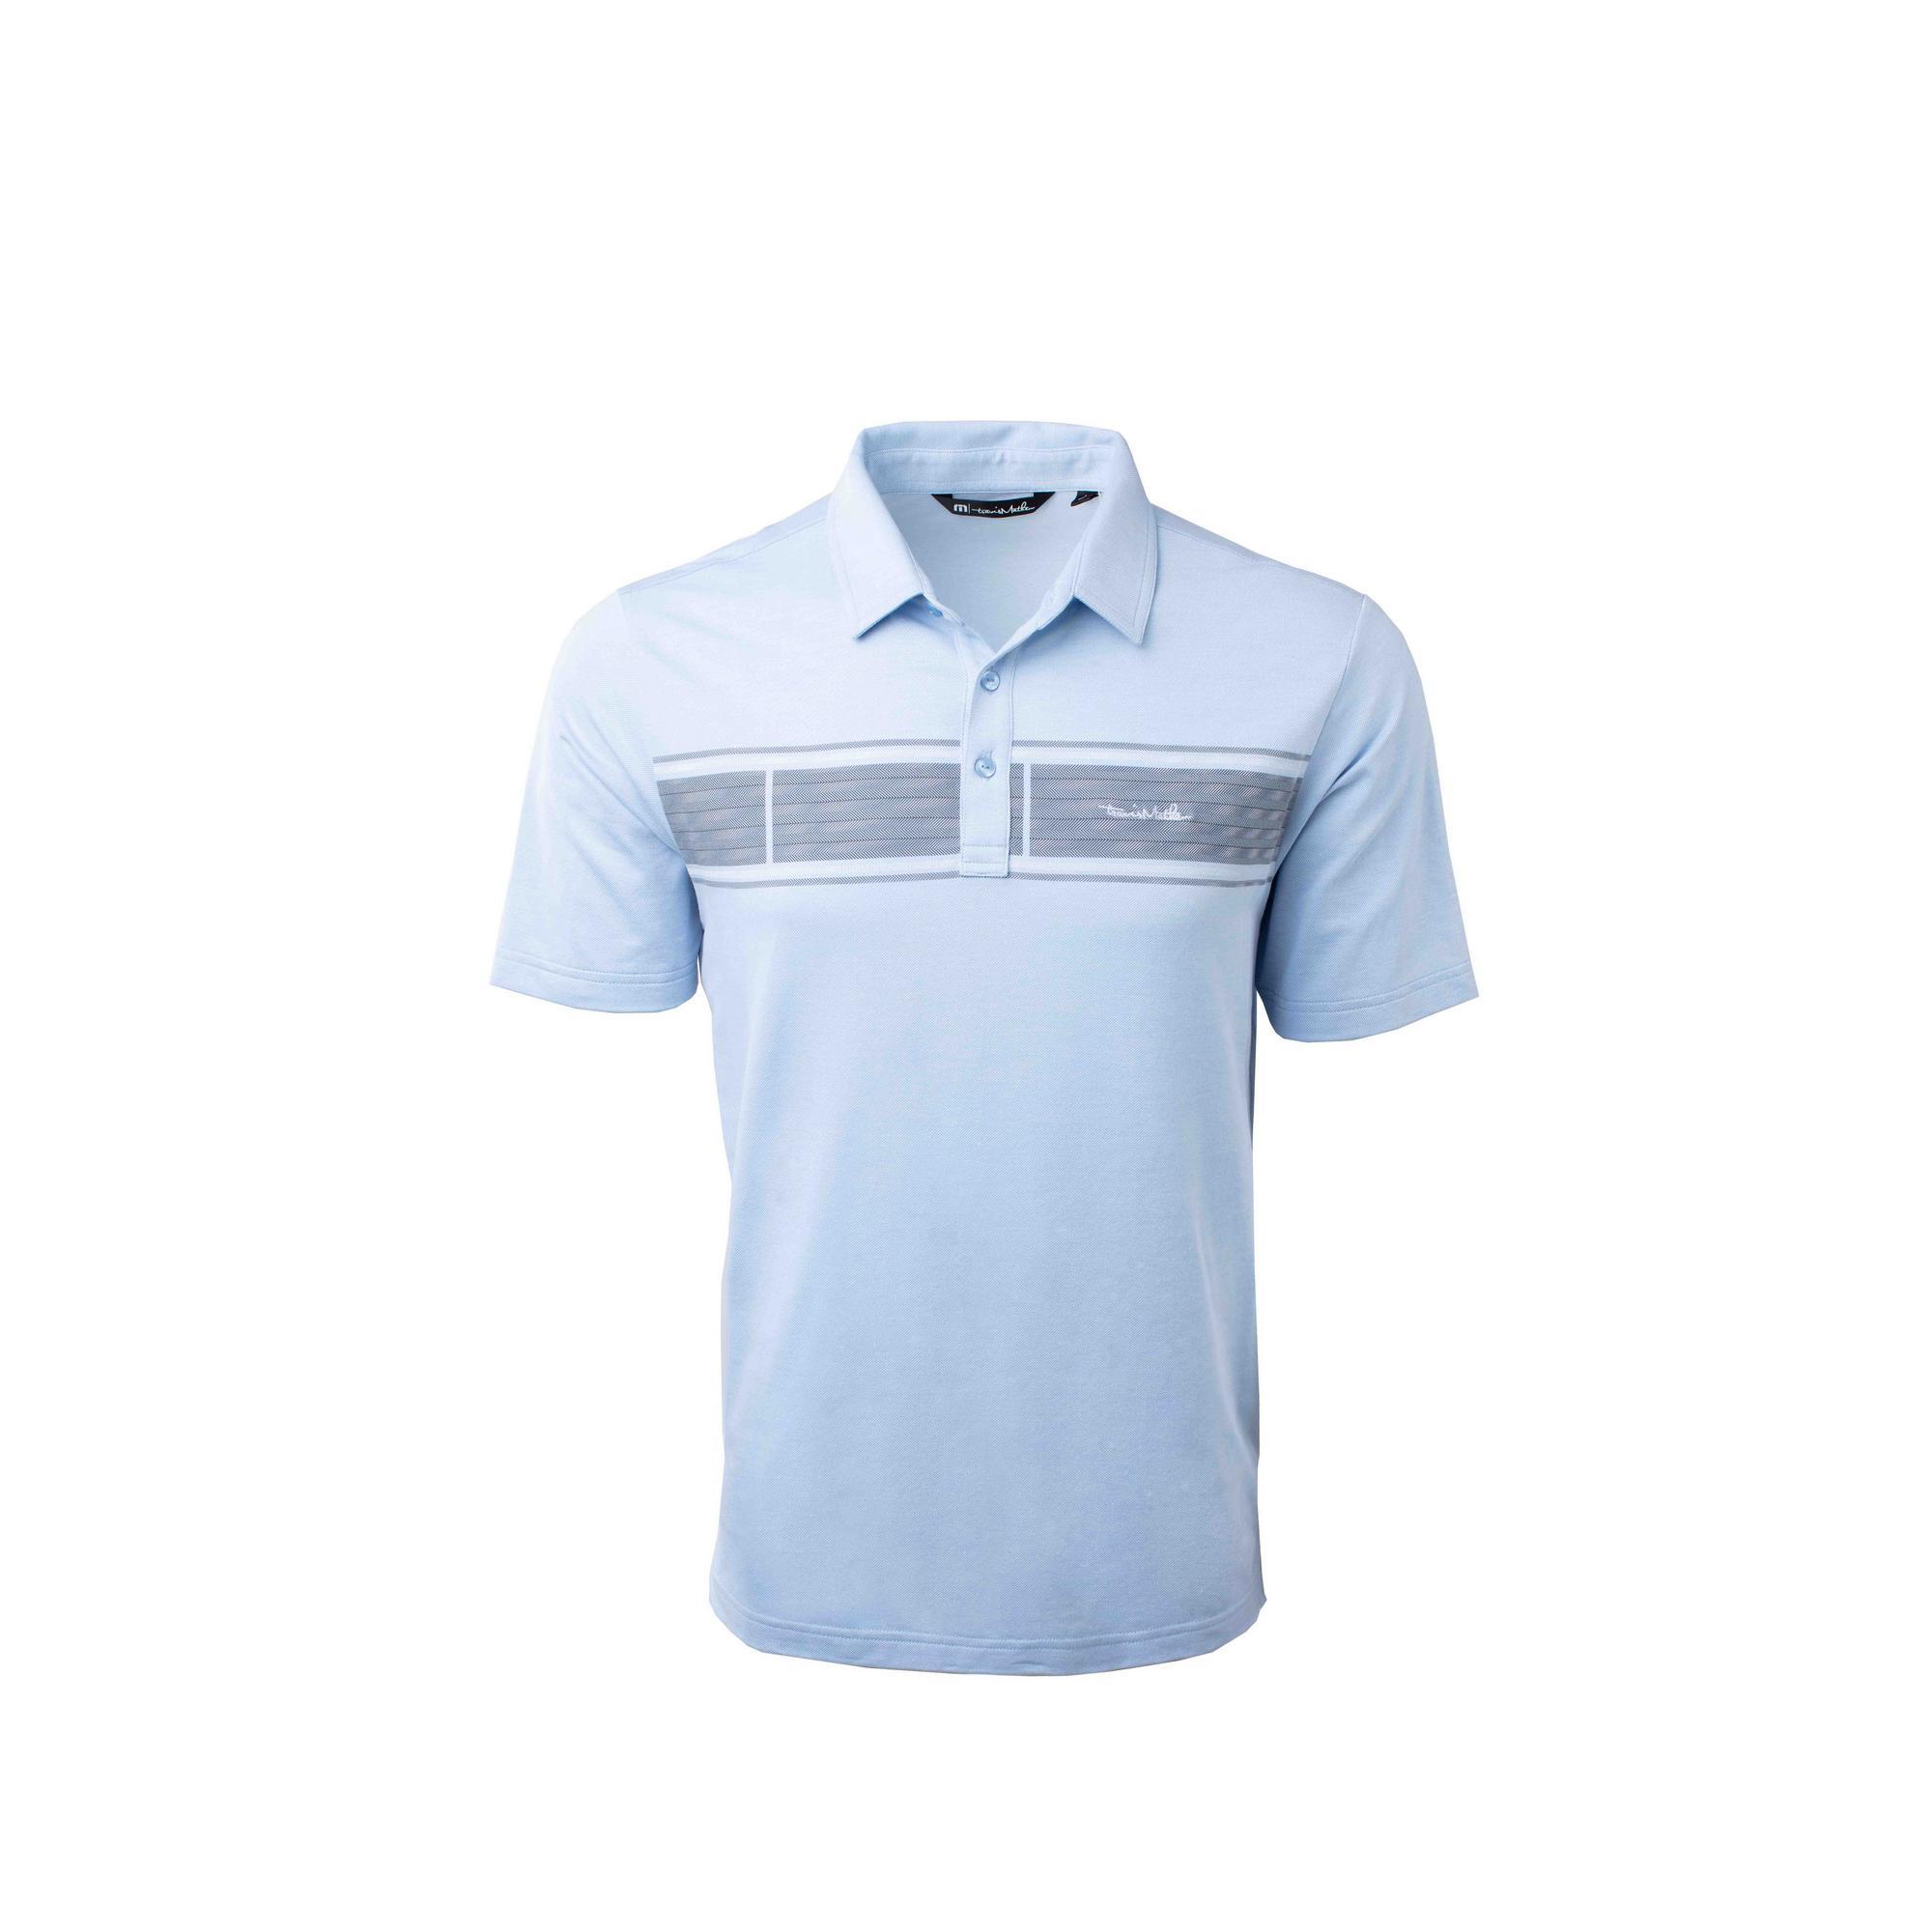 Men's Nemats Short Sleeve Shirt